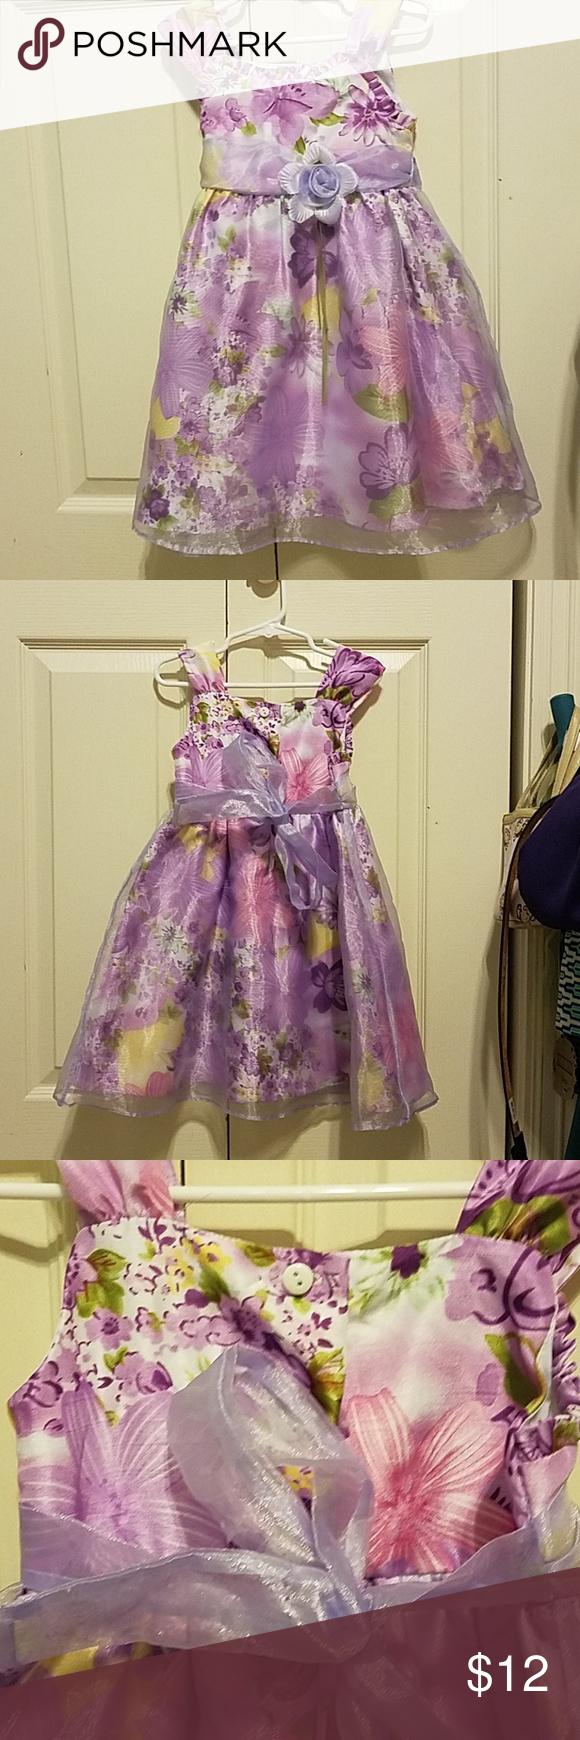 4t Purple Dress Purple Dress Dresses Clothes Design [ 1740 x 580 Pixel ]